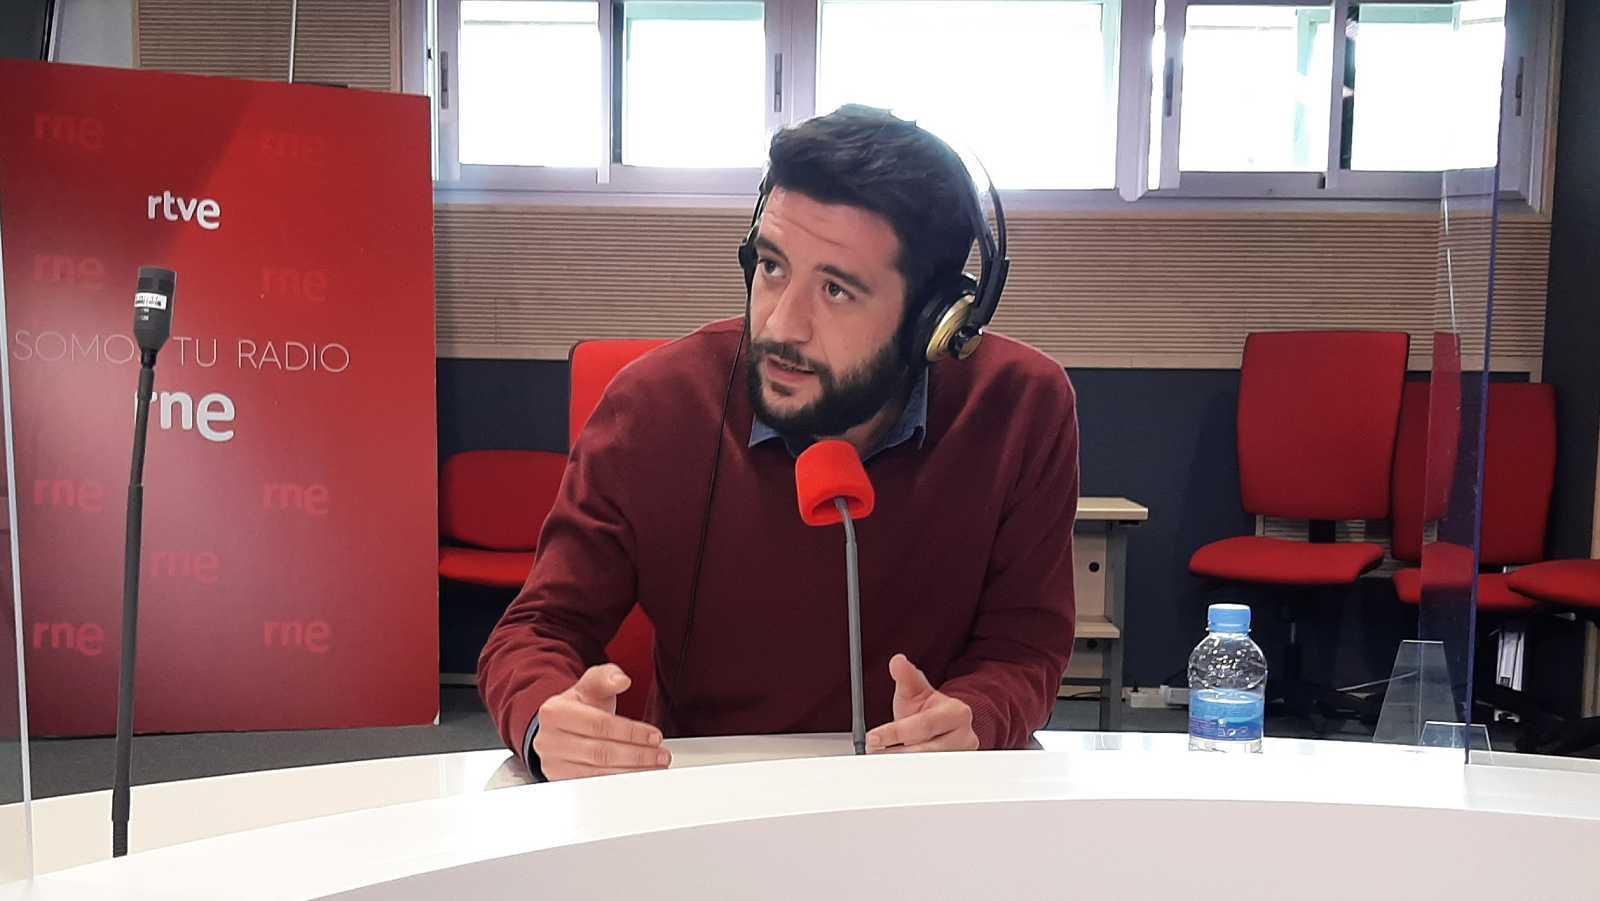 """Madrid Informativos - RNE - César Zafra, Cs: """"Vamos a entrar en la Asamblea y a demostrar que en Madrid hay mucho más sentido común del que parece"""" - Escuchar ahora"""